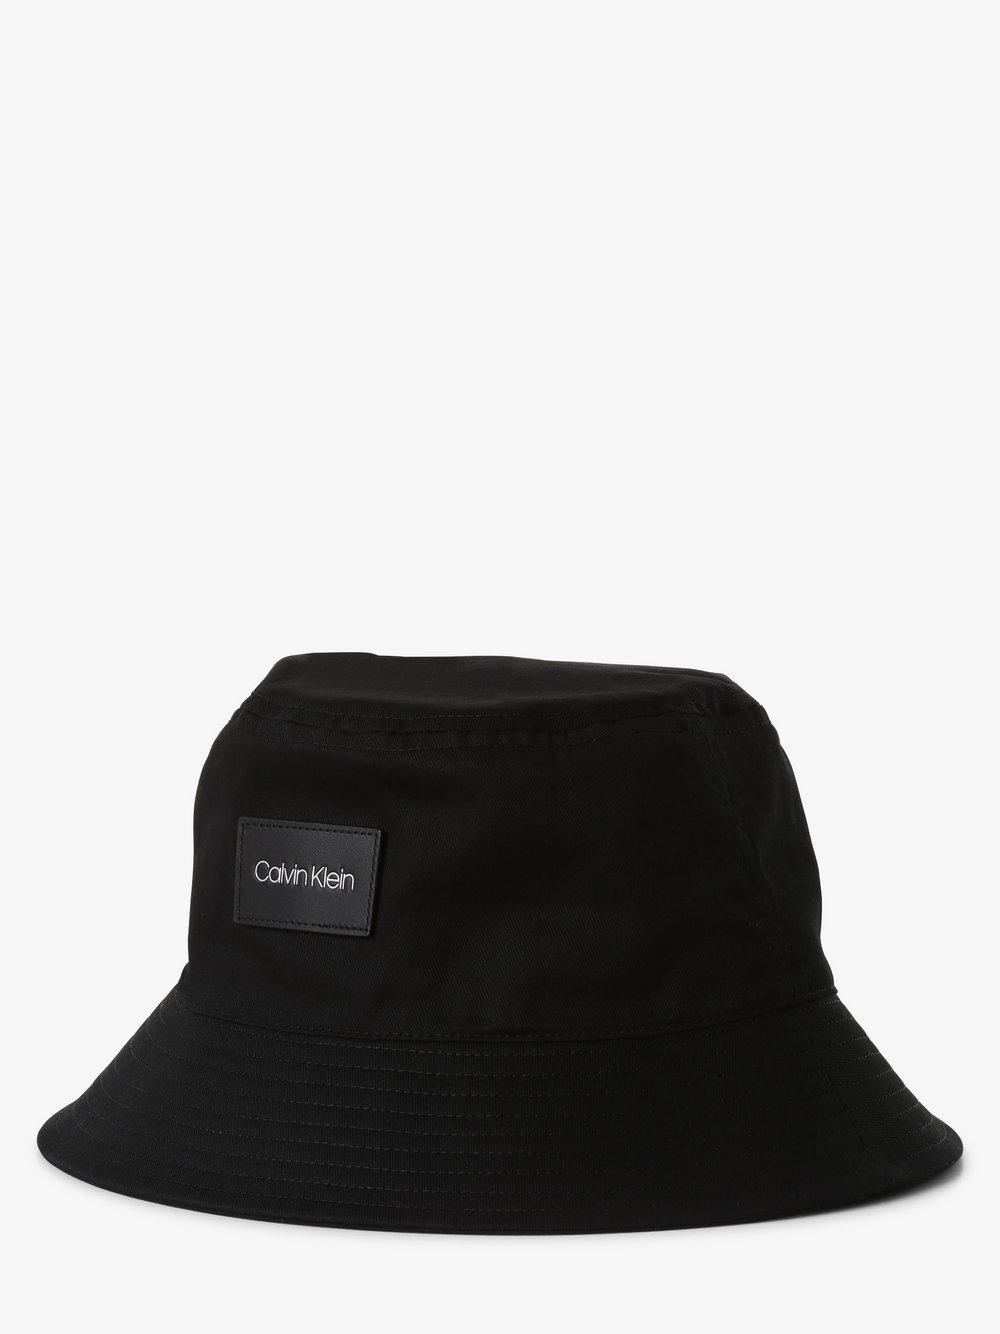 Calvin Klein - Kapelusz męski, czarny